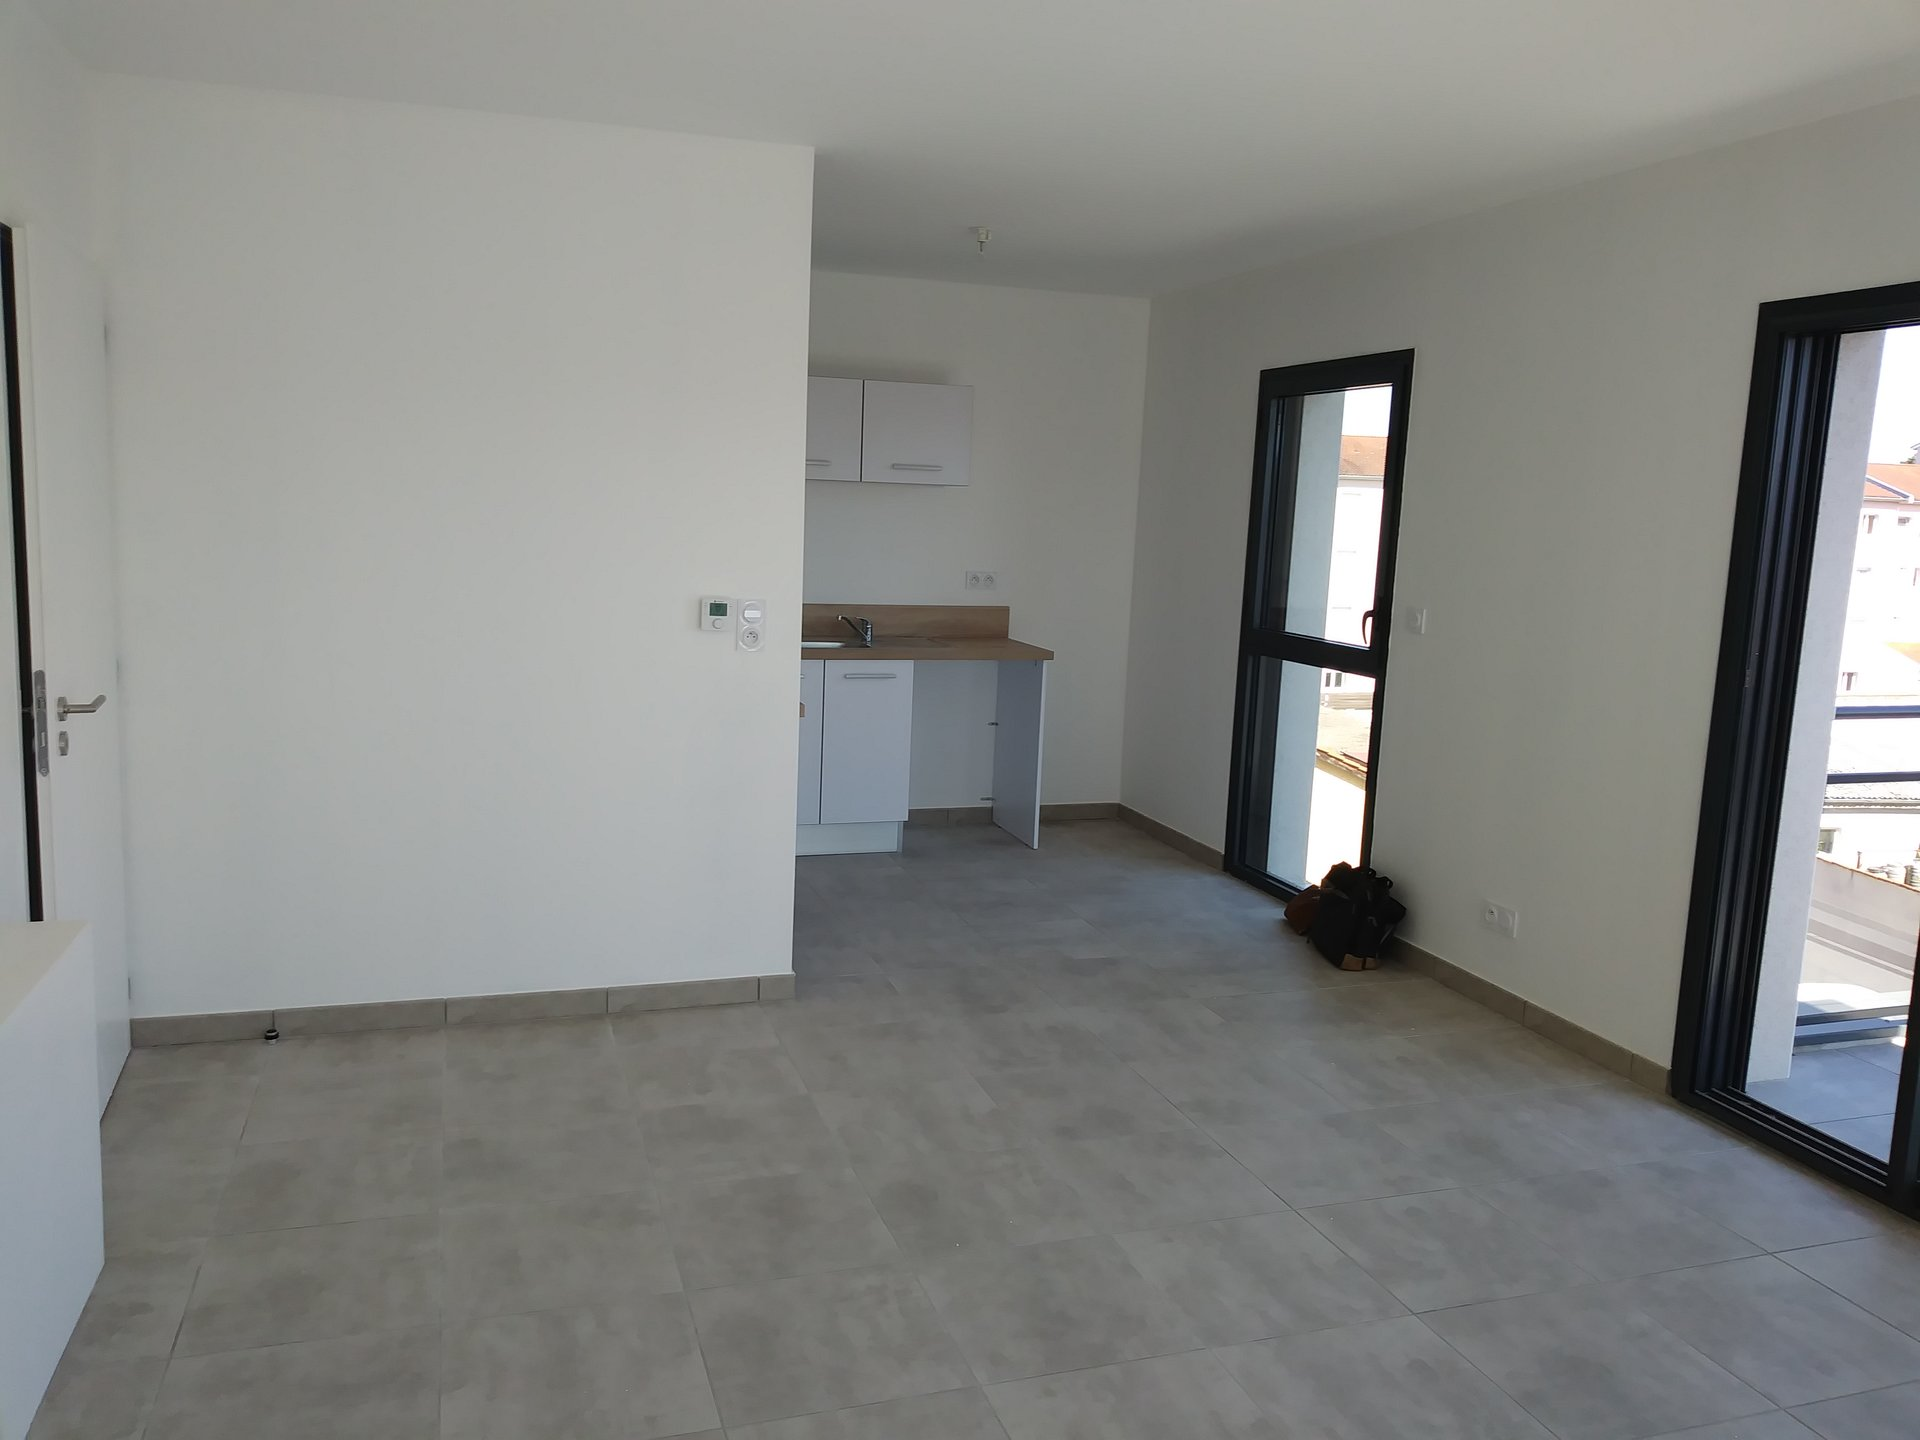 MONTROND-LES-BAINS - Appartement T3 avec terrasse